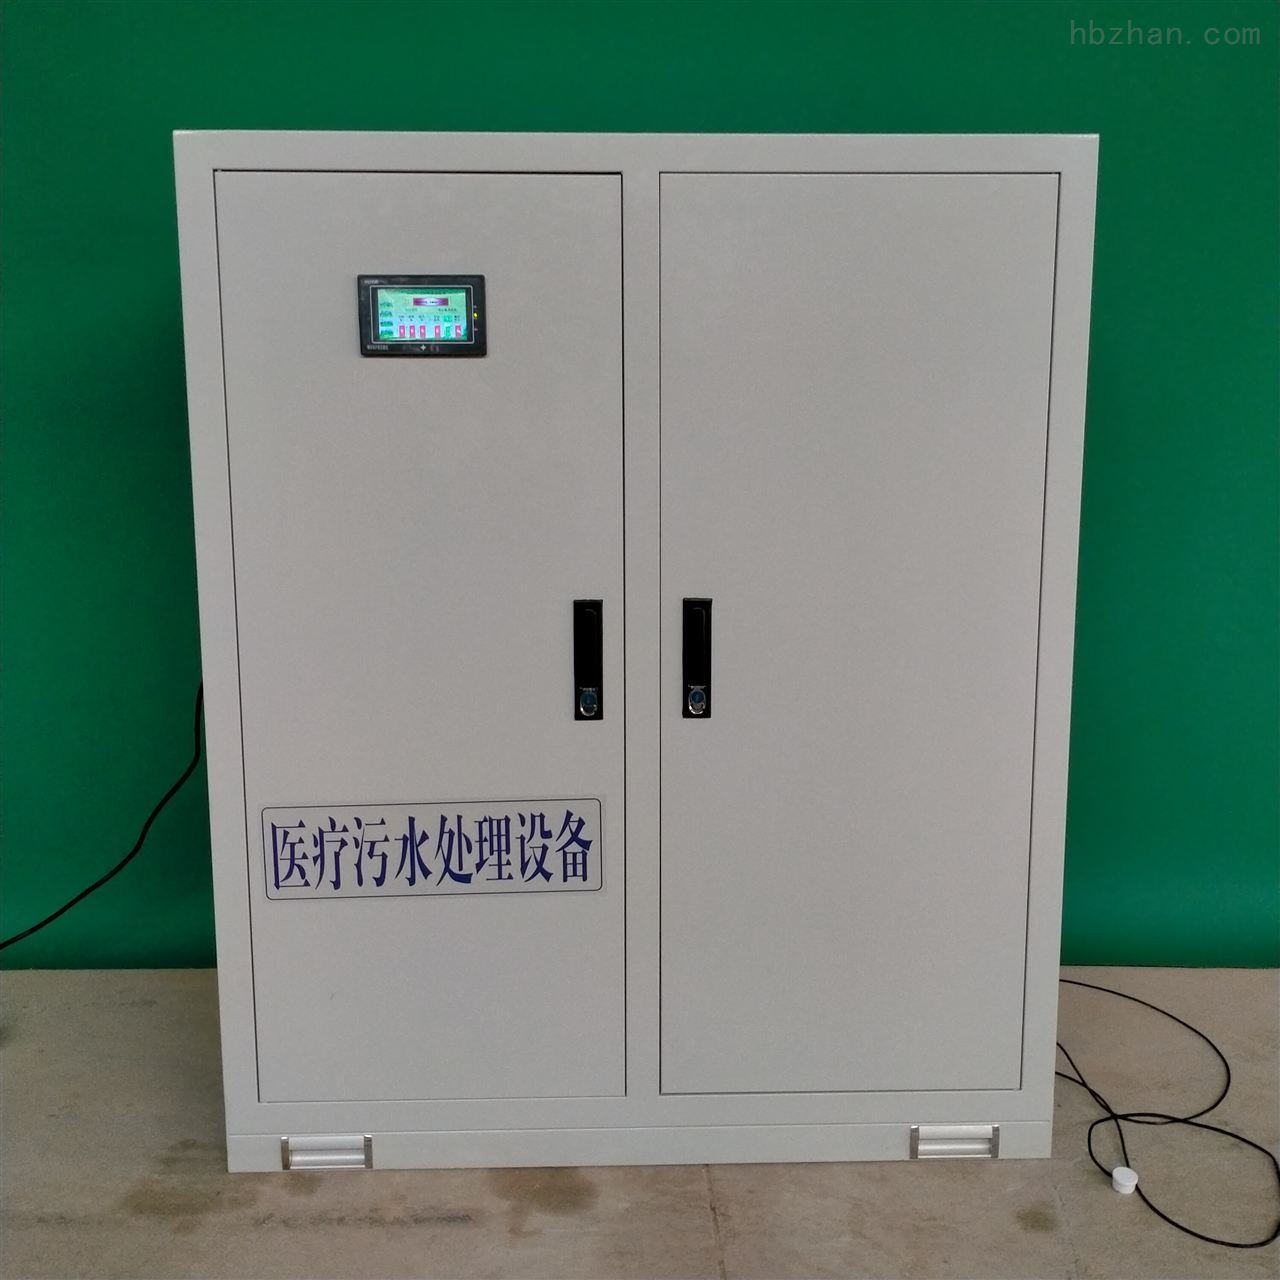 襄樊污水处理设备供应商